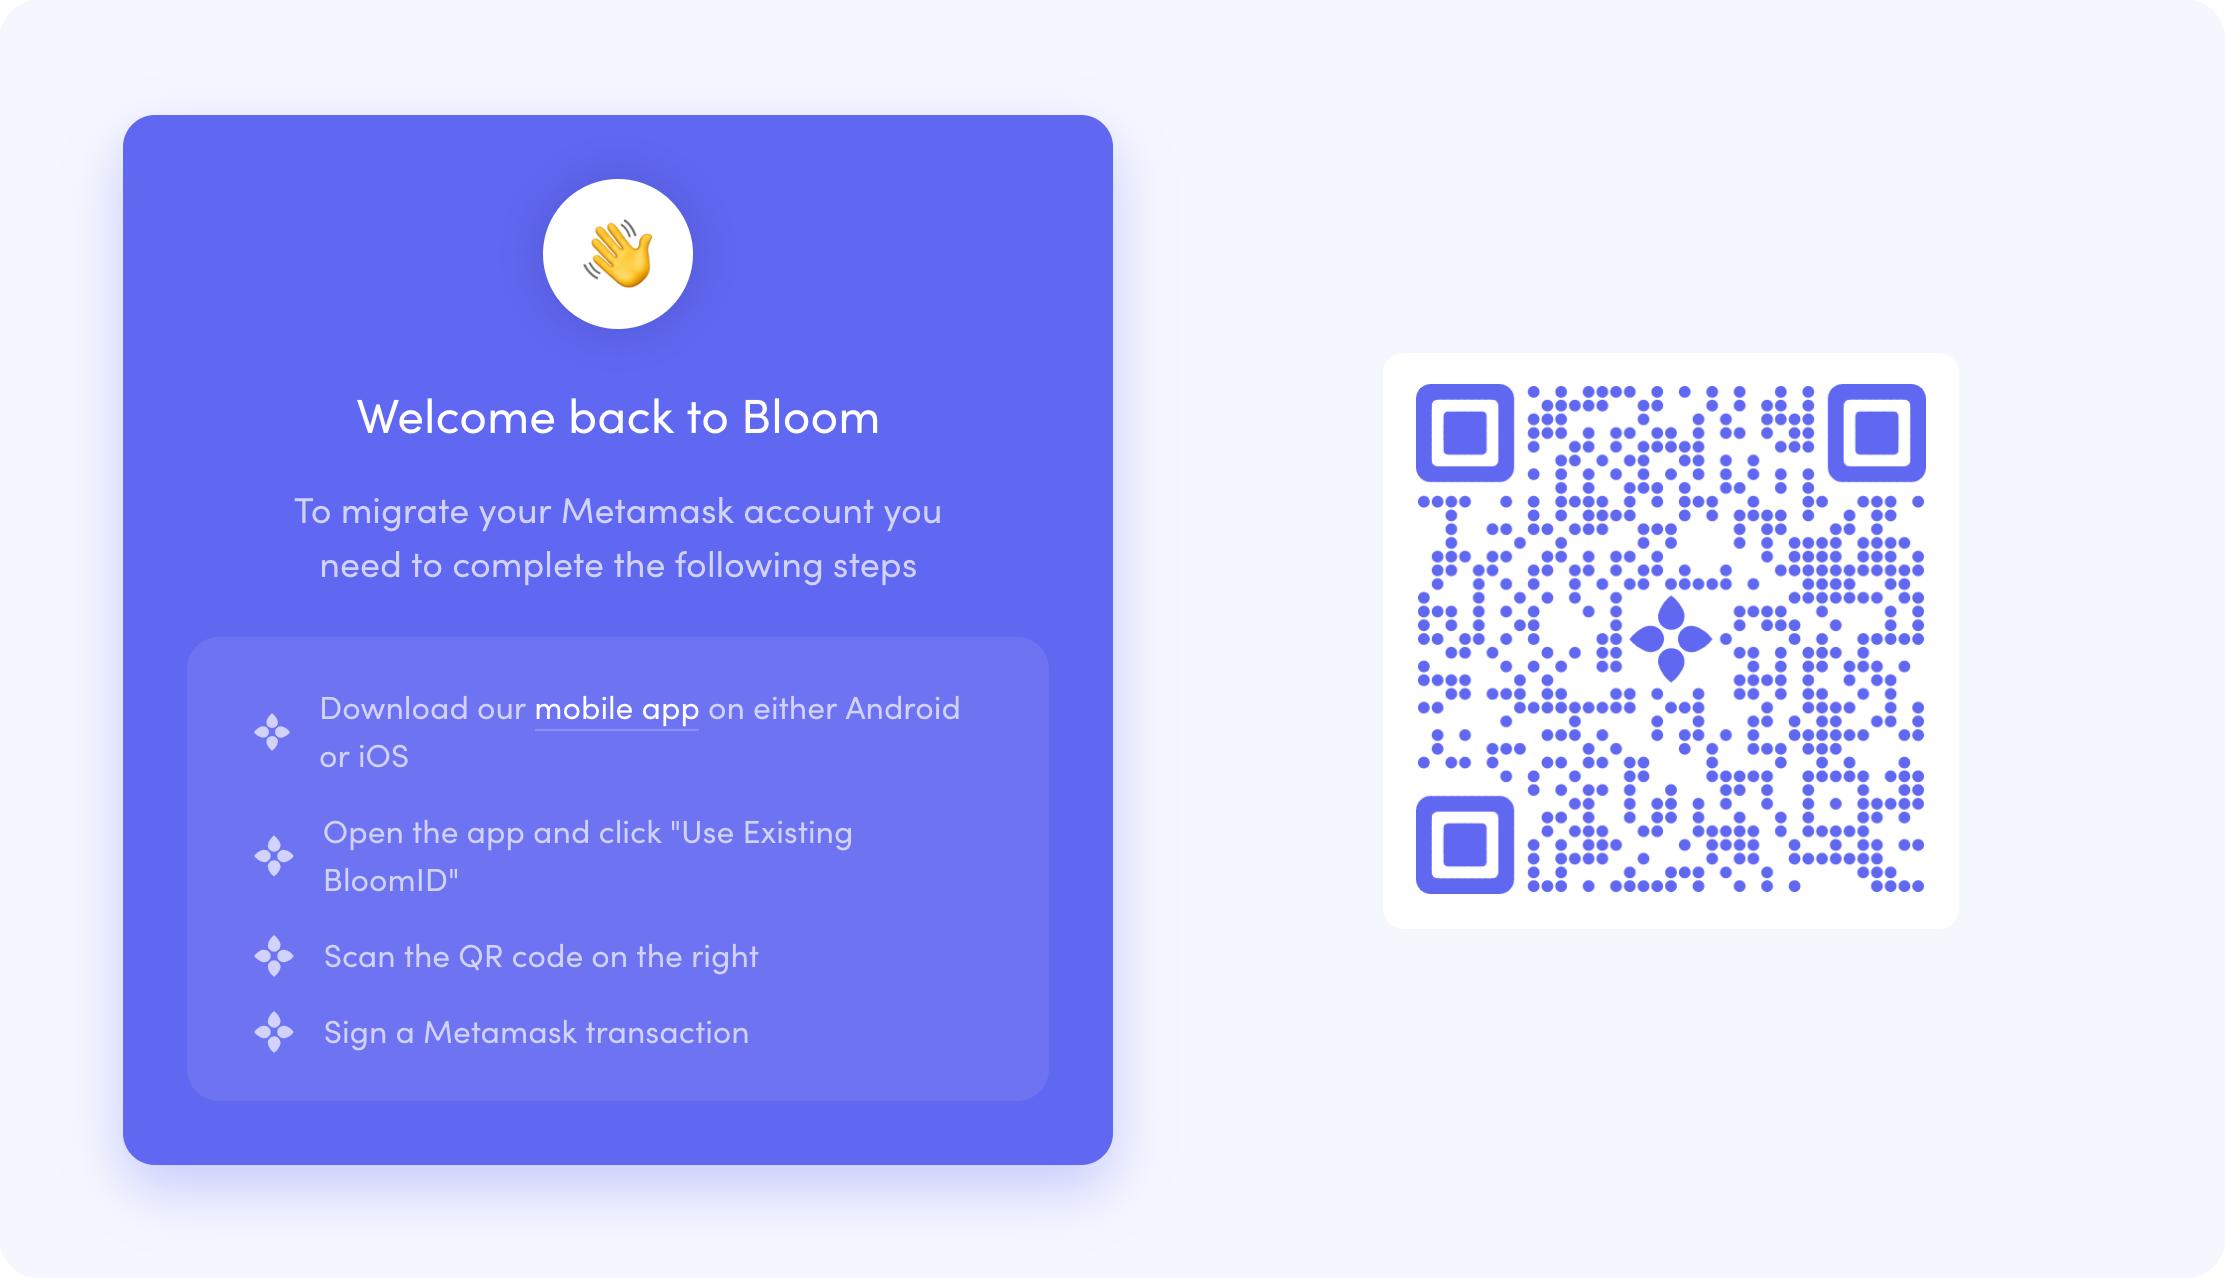 Introducing MetaMask Free Bloom